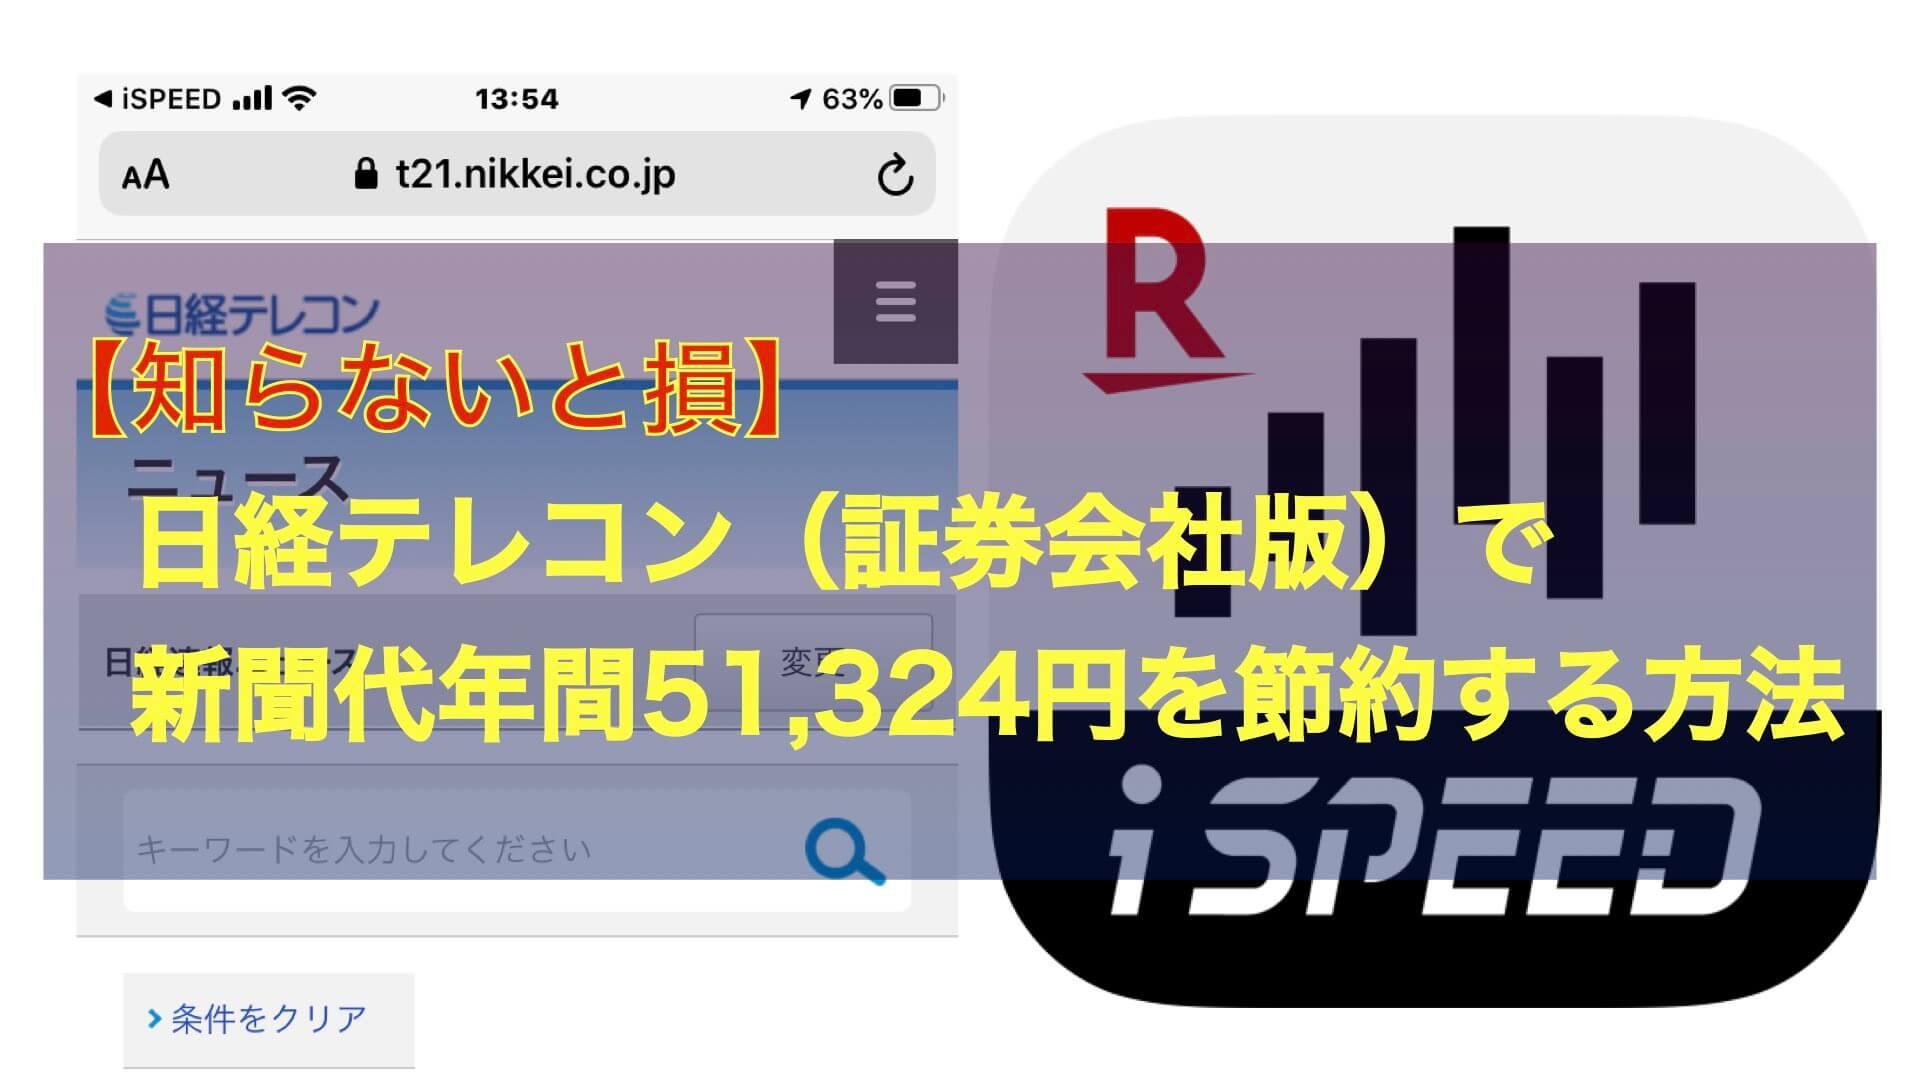 【知らないと損】日経テレコン(証券会社版)で新聞代年間51,324円を節約する方法